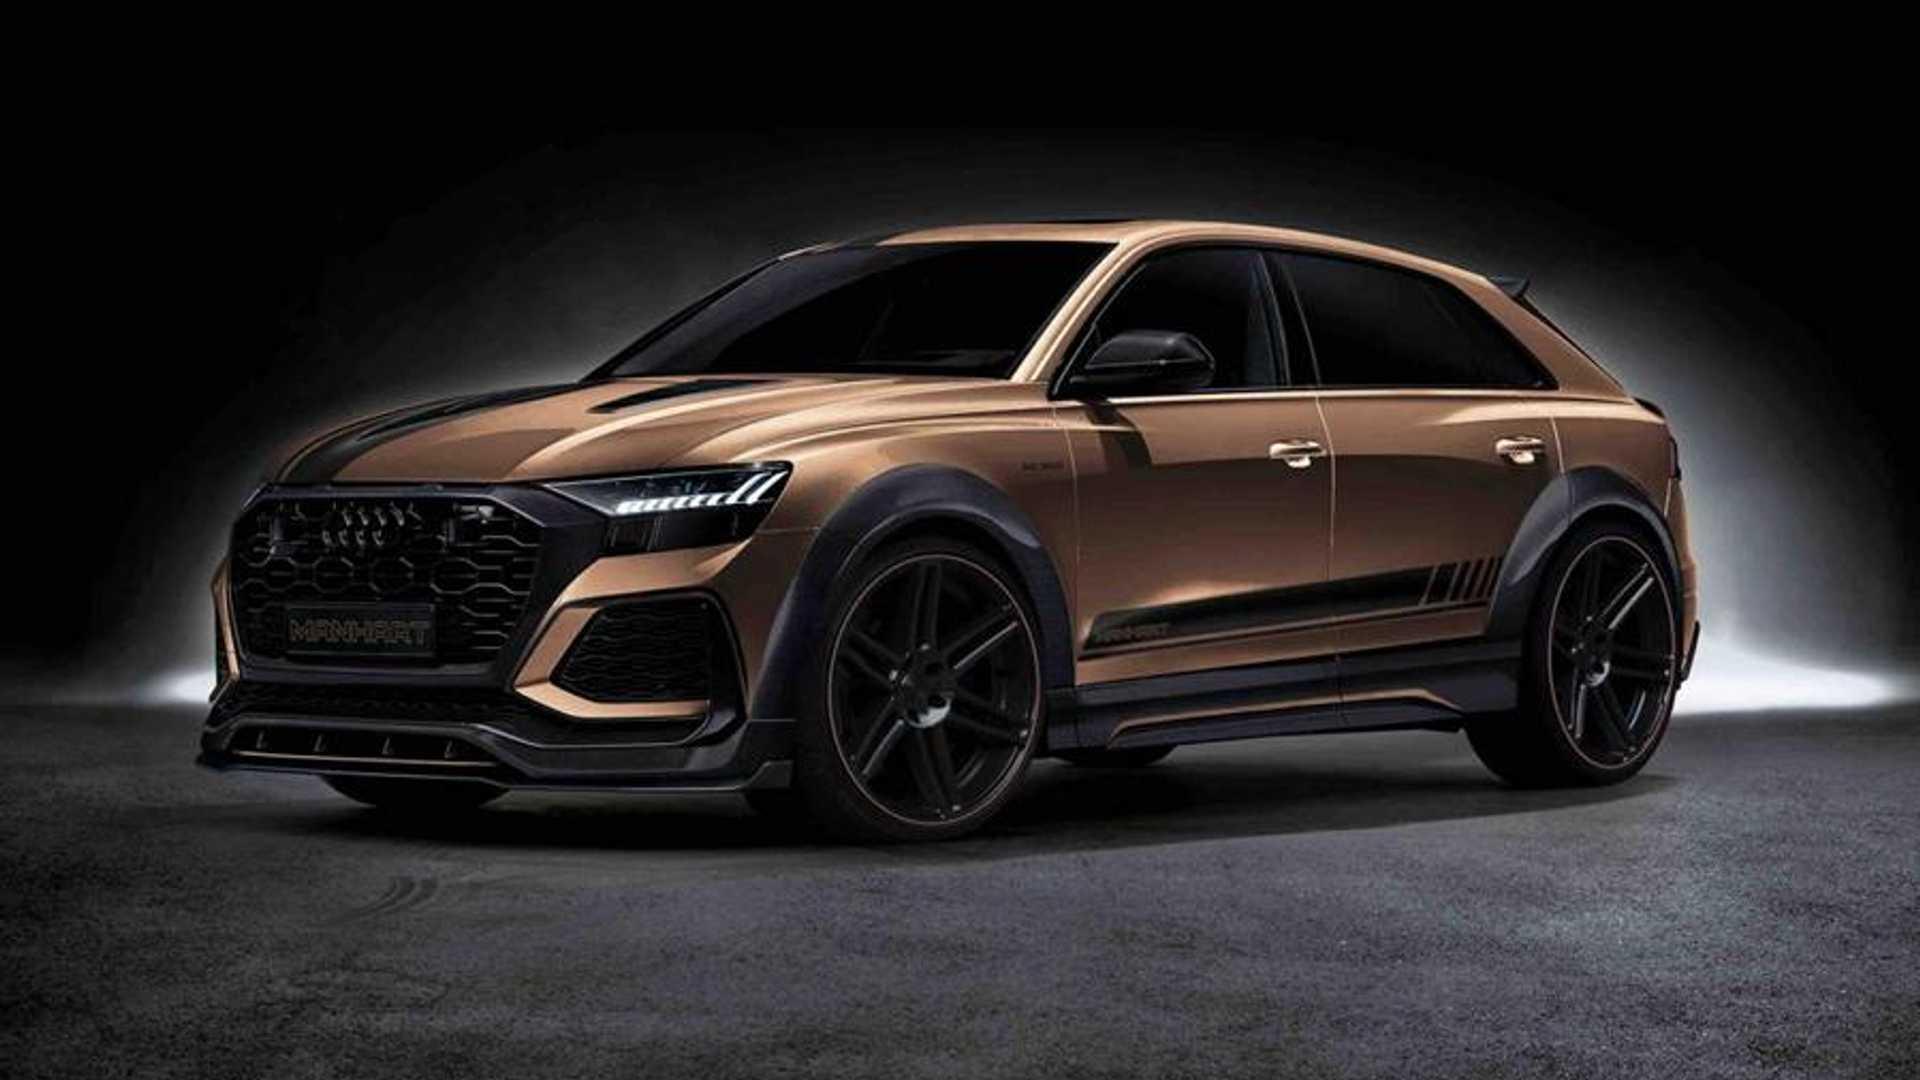 Kelebihan Audi Rs Murah Berkualitas